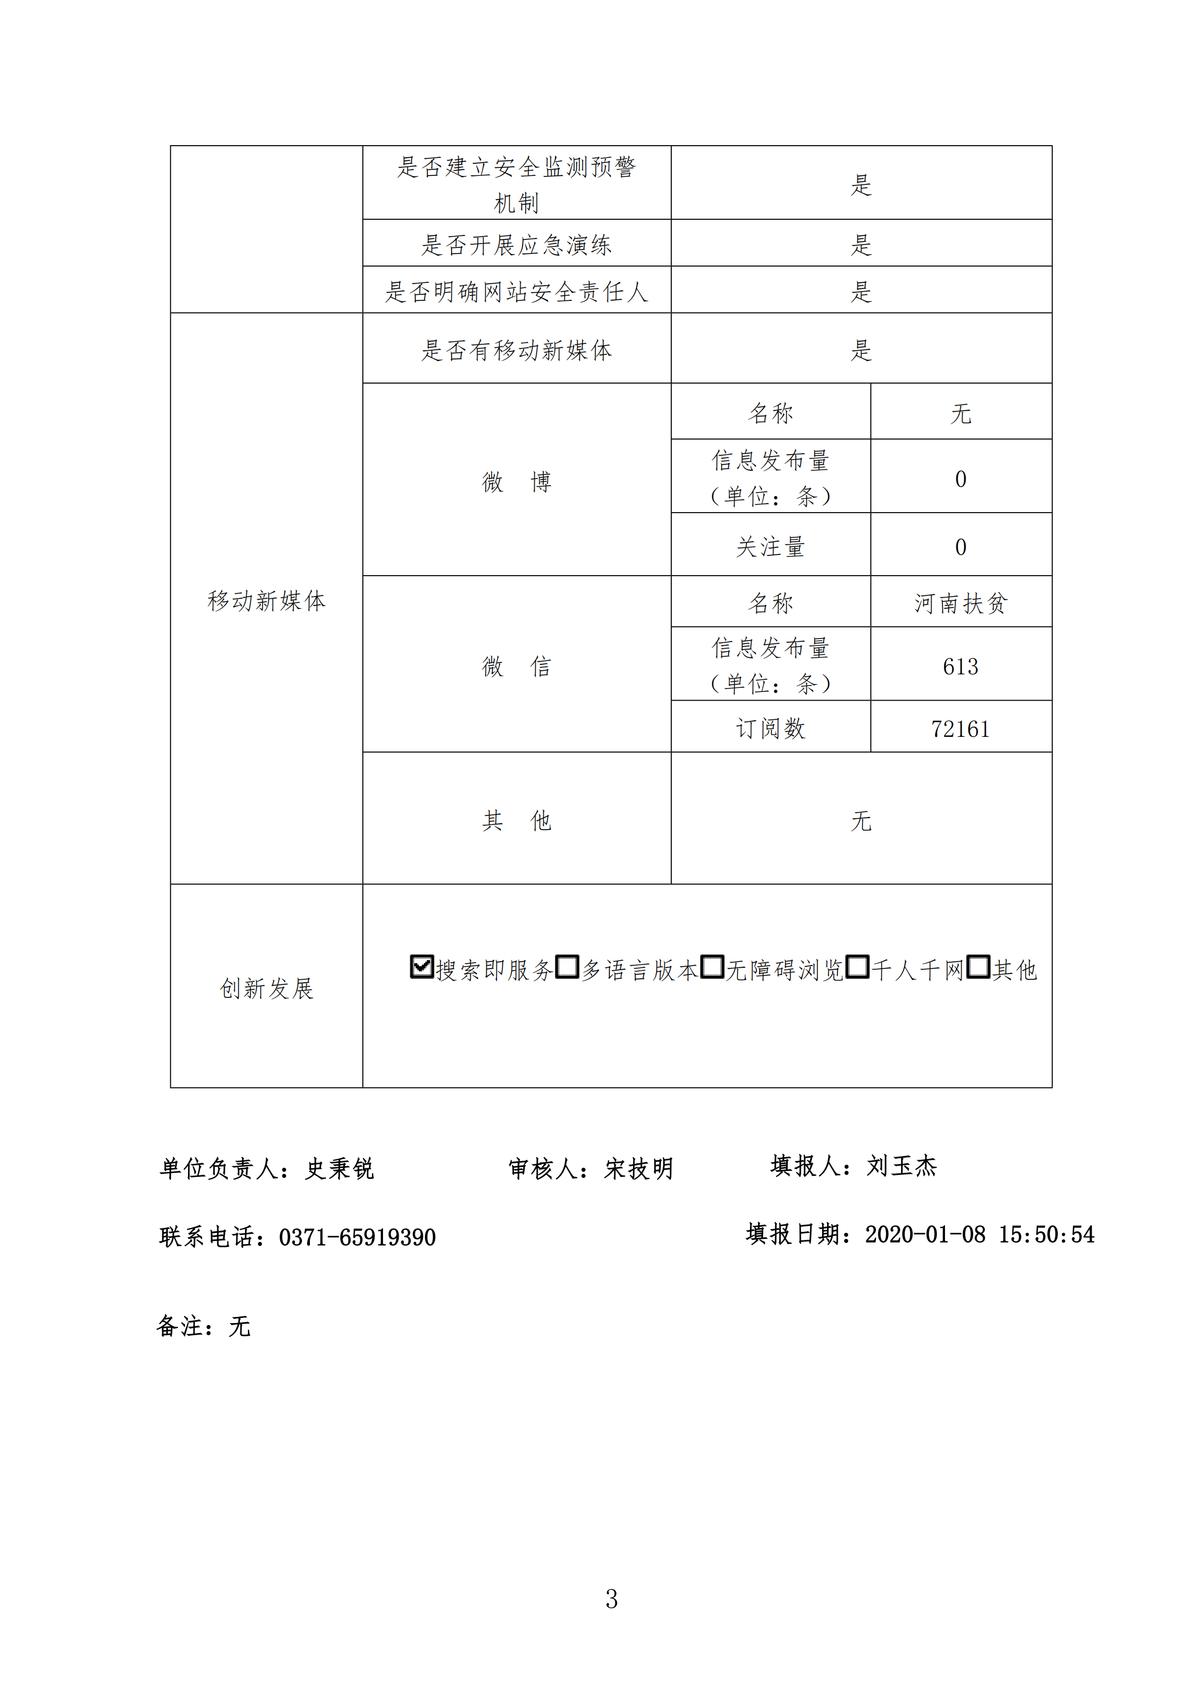 河南省扶贫开发办公室2019年政府网站工作年度报表_02.png